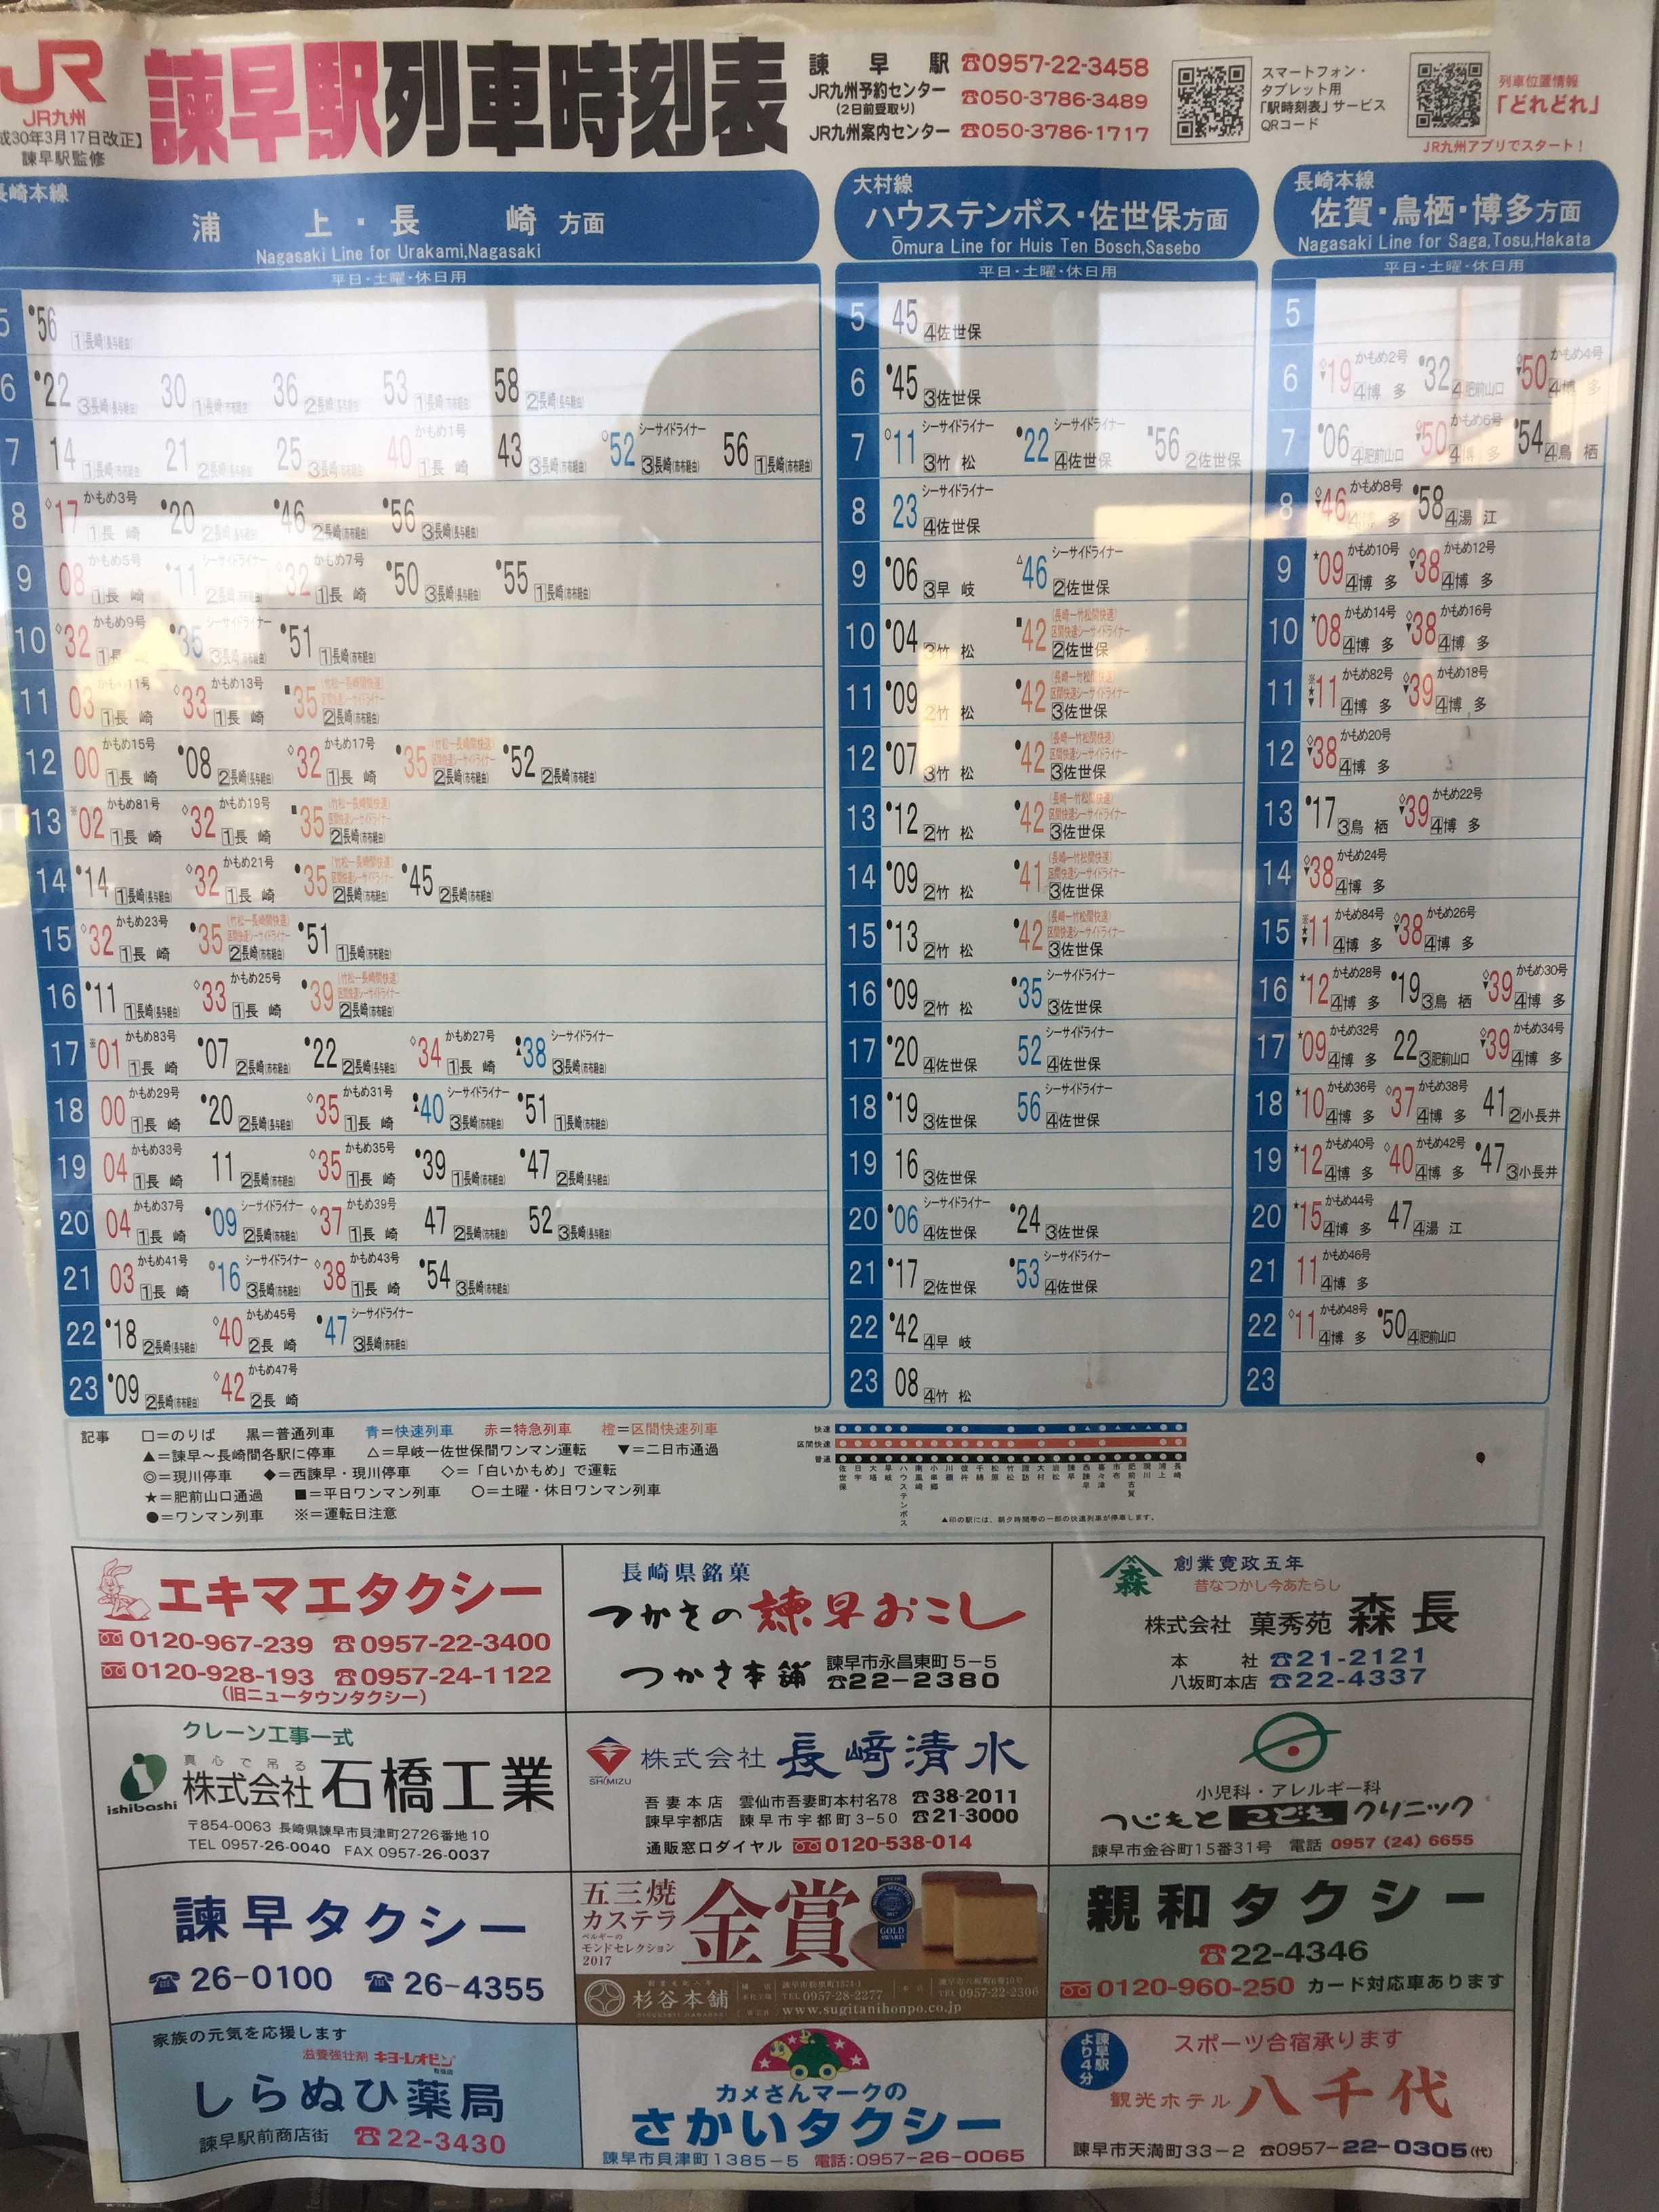 駅 表 長崎 時刻